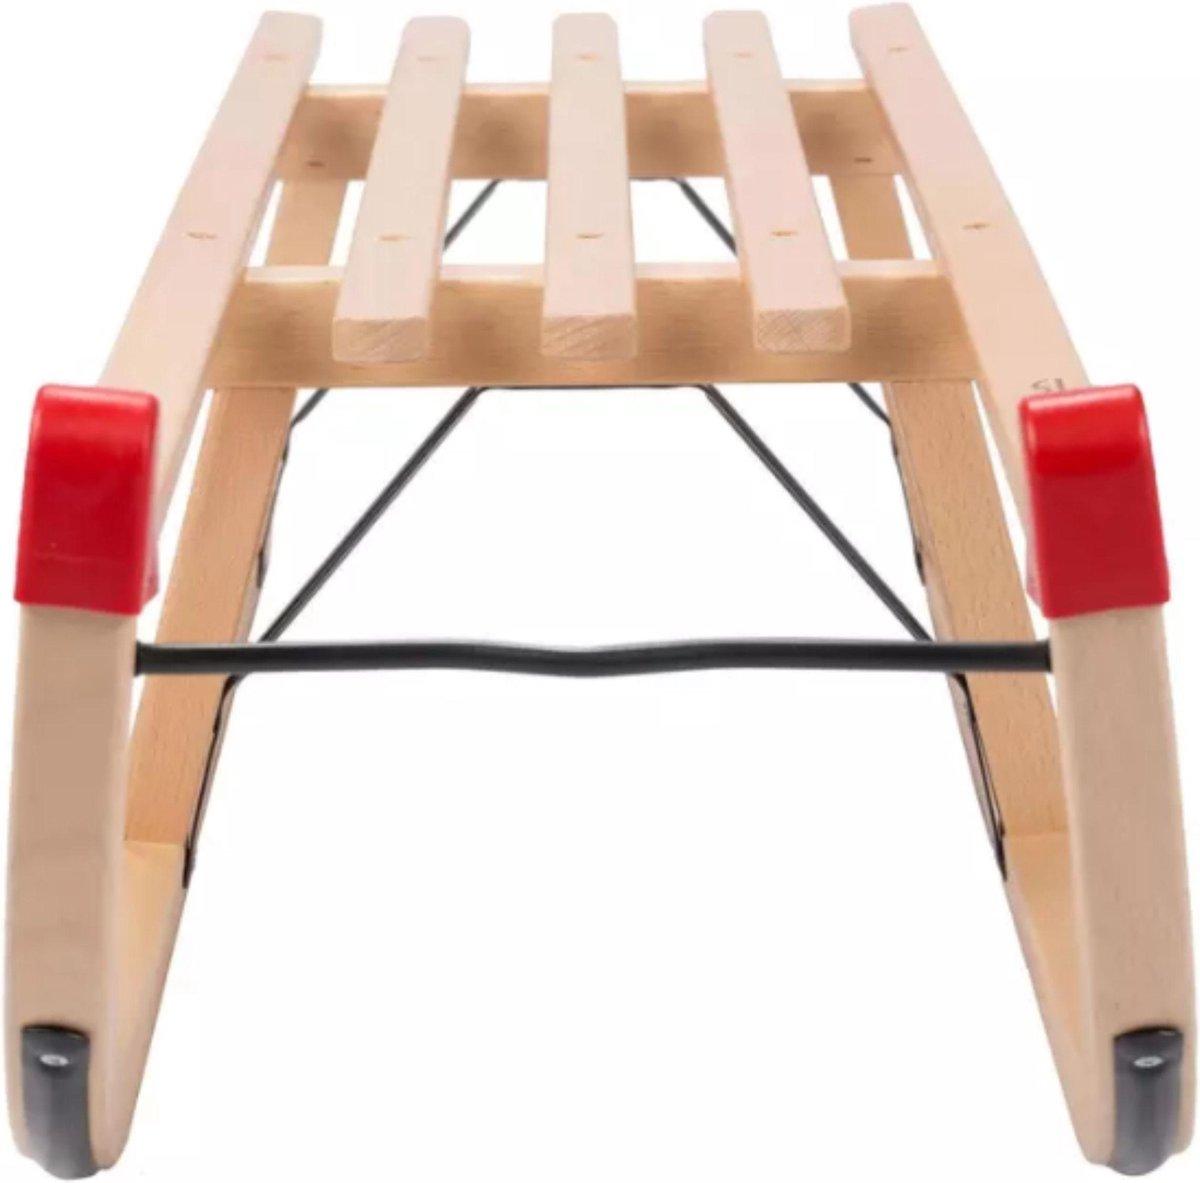 Houten slee 100 cm | sneeuw slee |Slee davos hout model